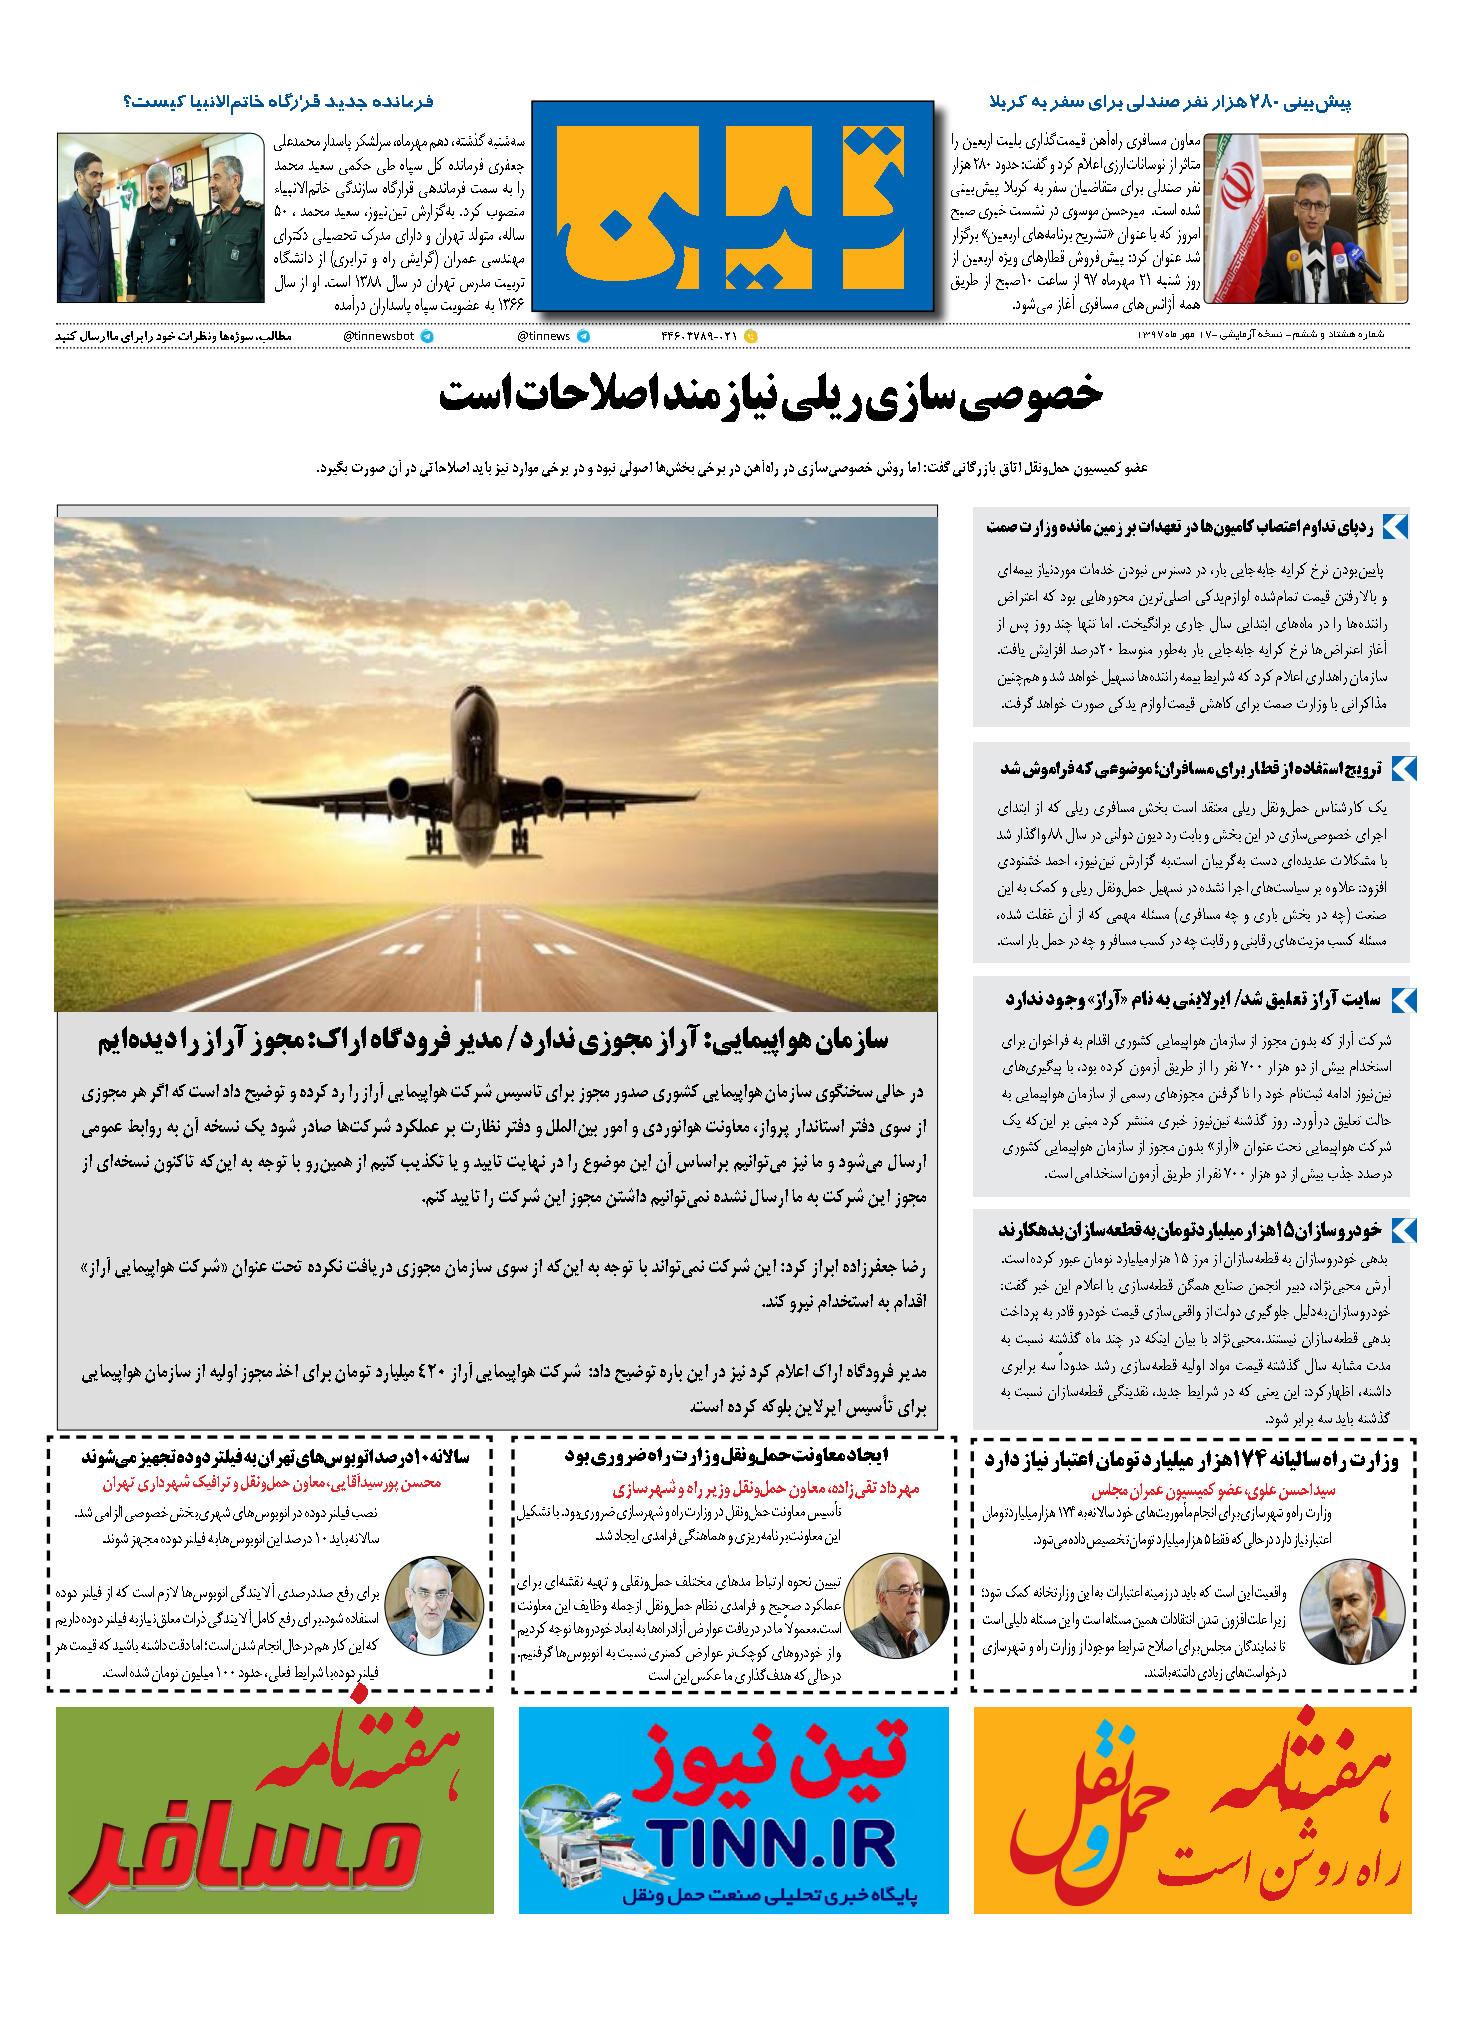 روزنامه الکترونیک 17 مهر ماه 97